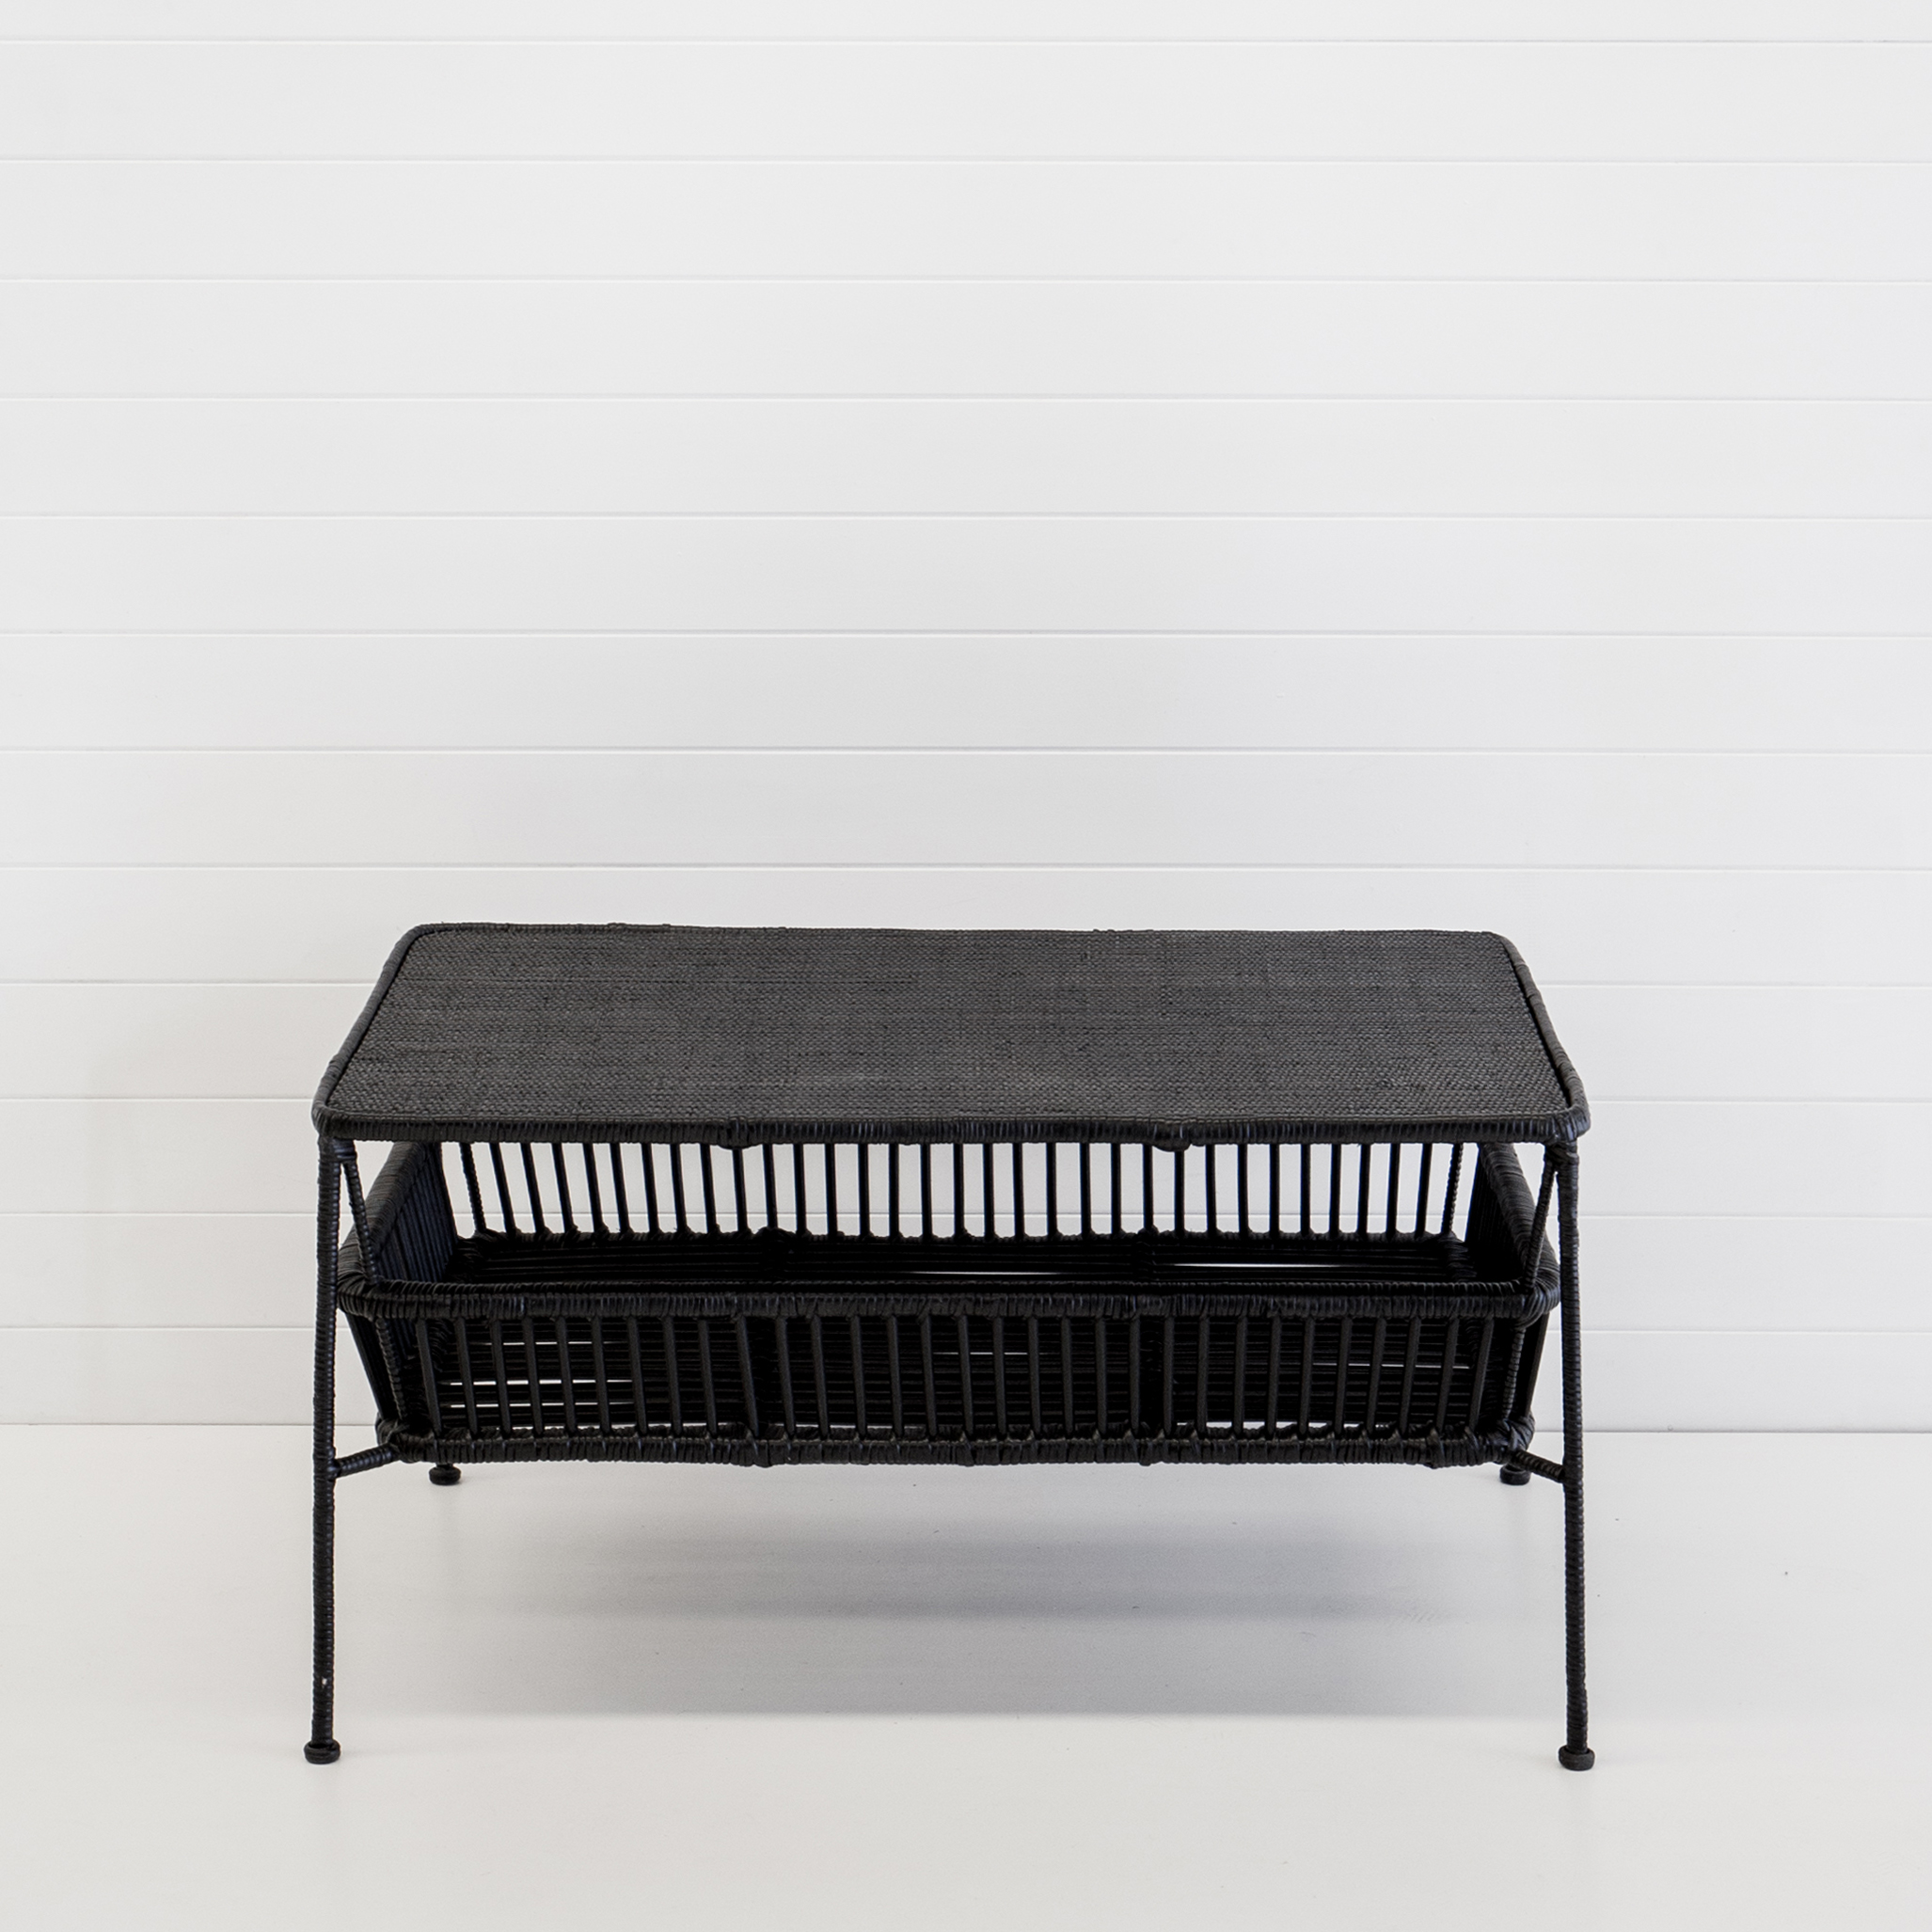 Indie black coffee table